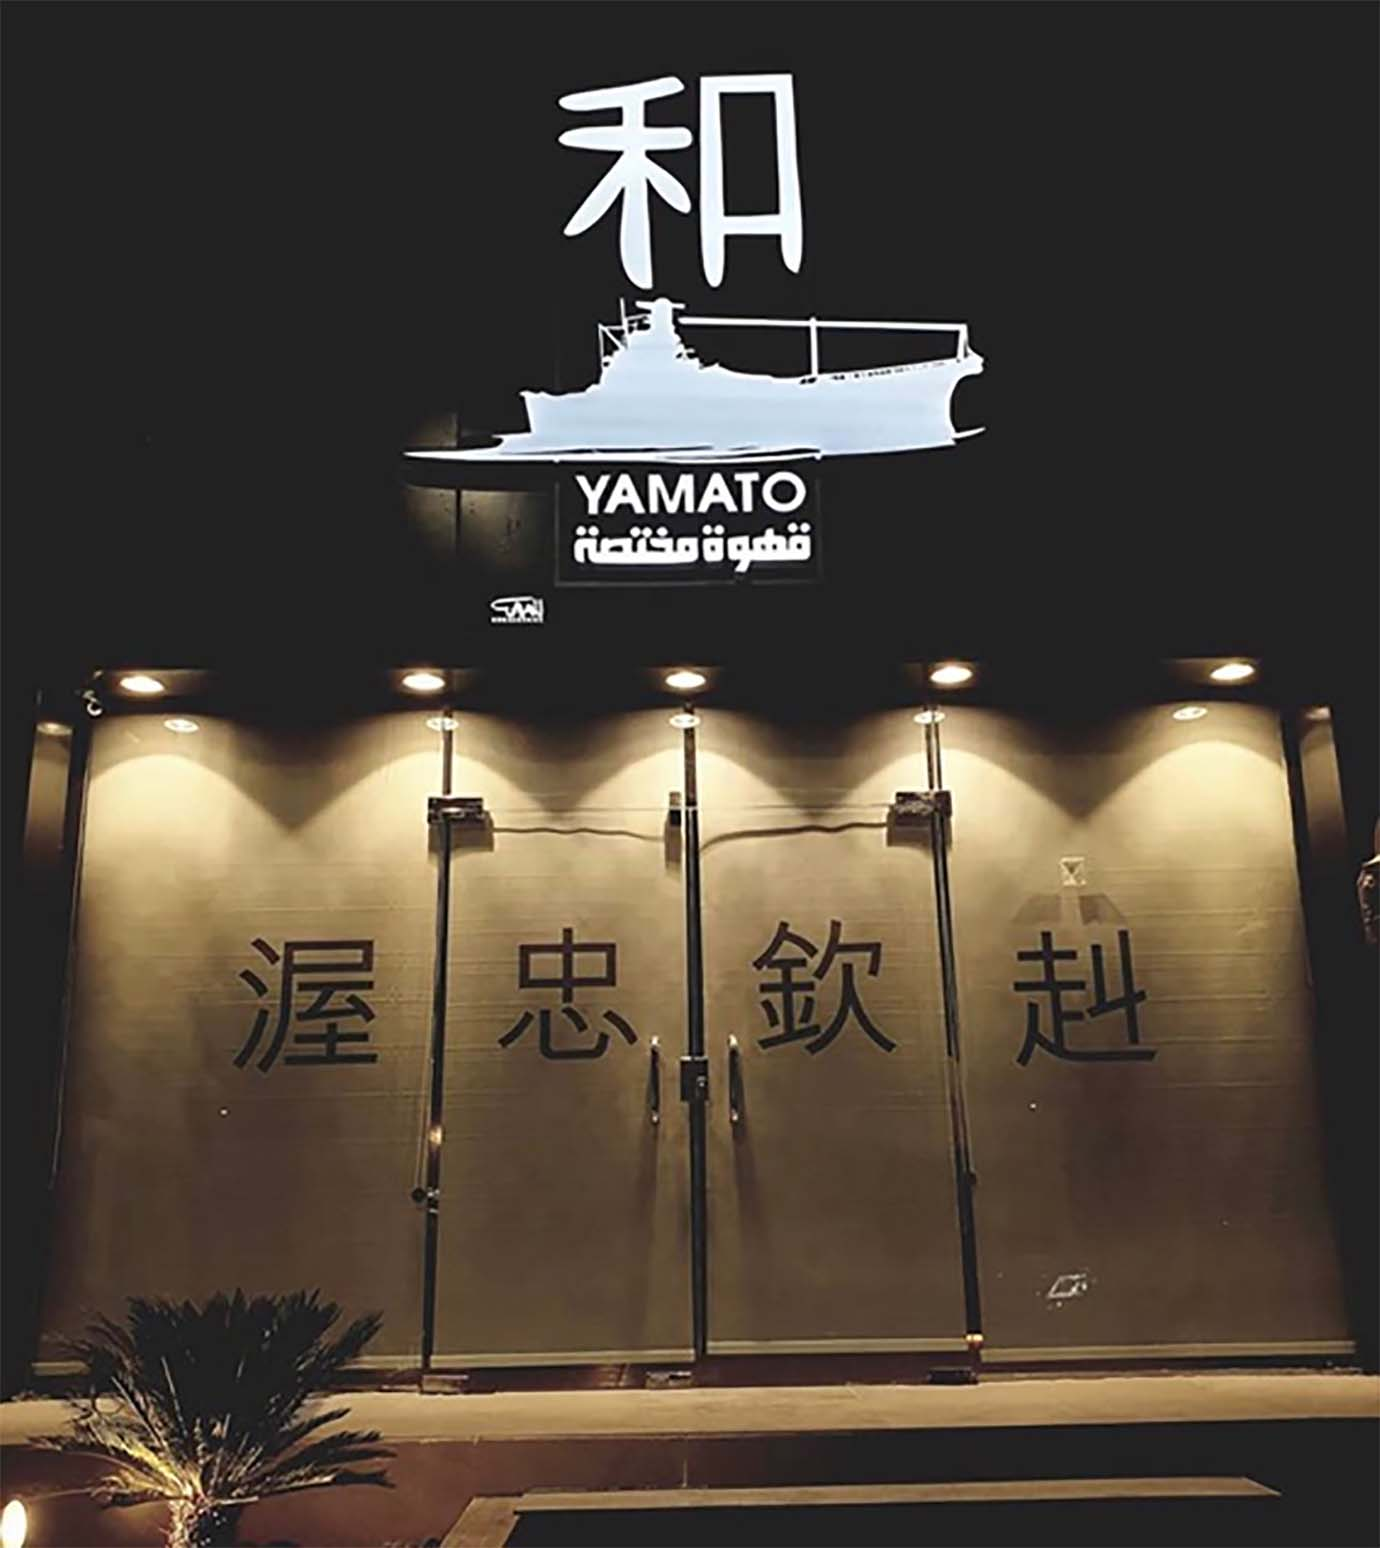 yamato8